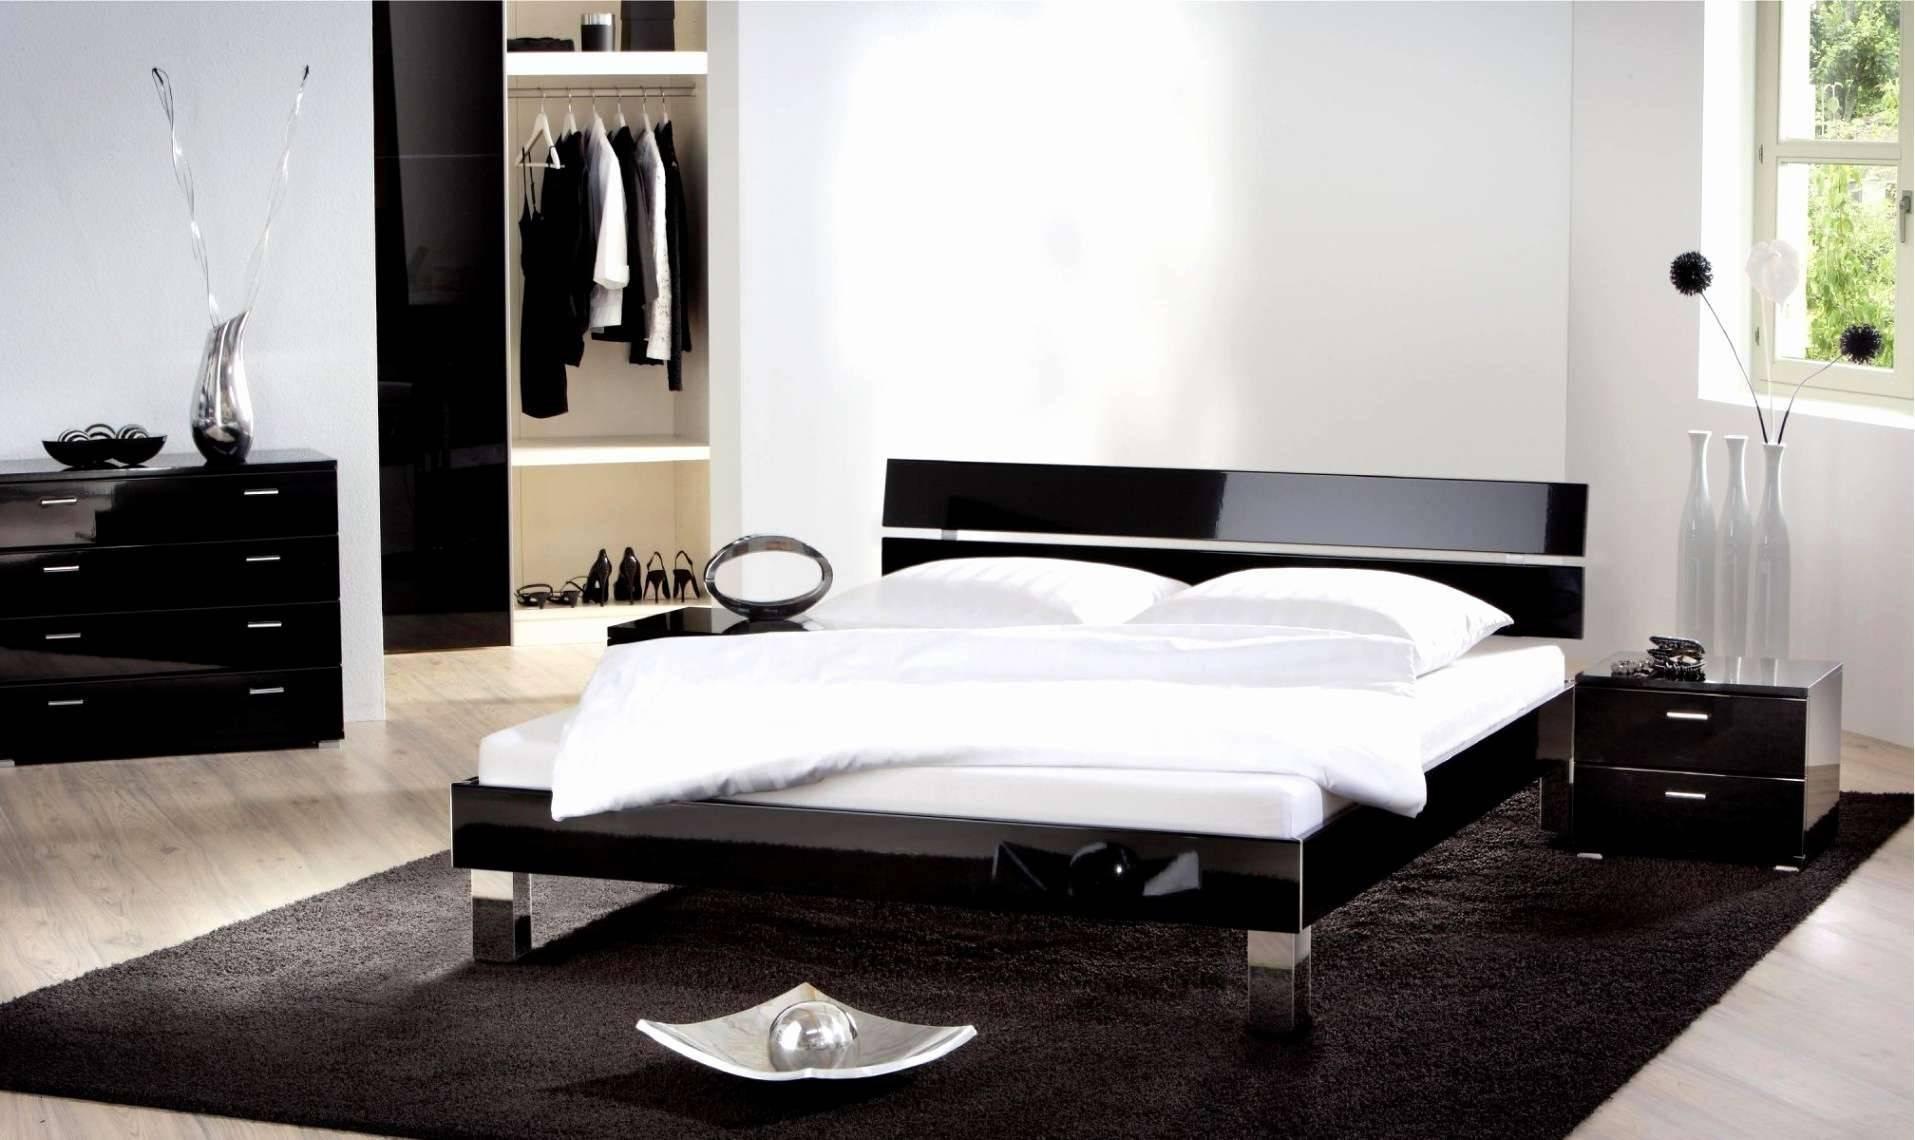 wohnzimmer deko tips awesome 12 beste deko tipps design of wohnzimmer deko tips